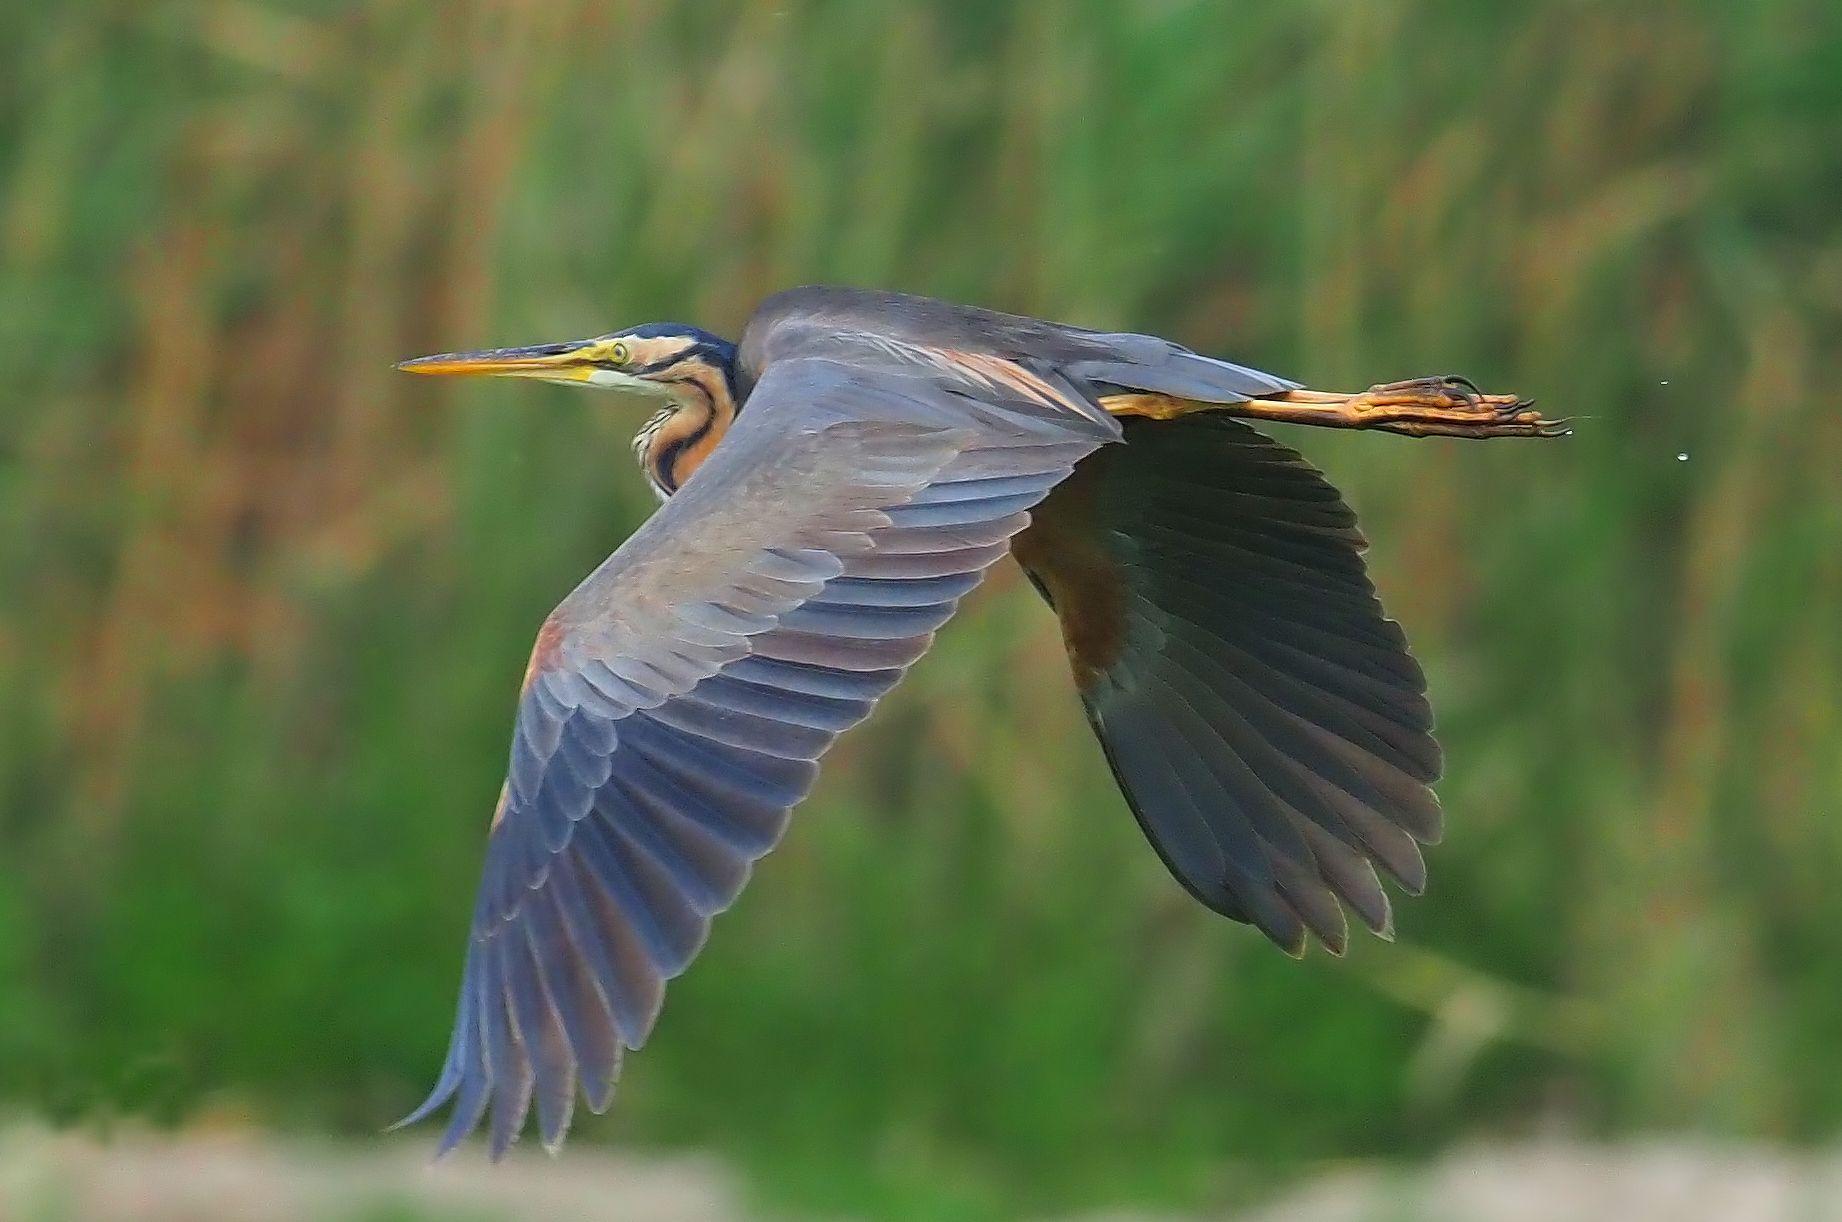 Agró roig alçant el vol al Parc Natural del Delta de l'Ebre. FOTO Ramon Cami Caldés